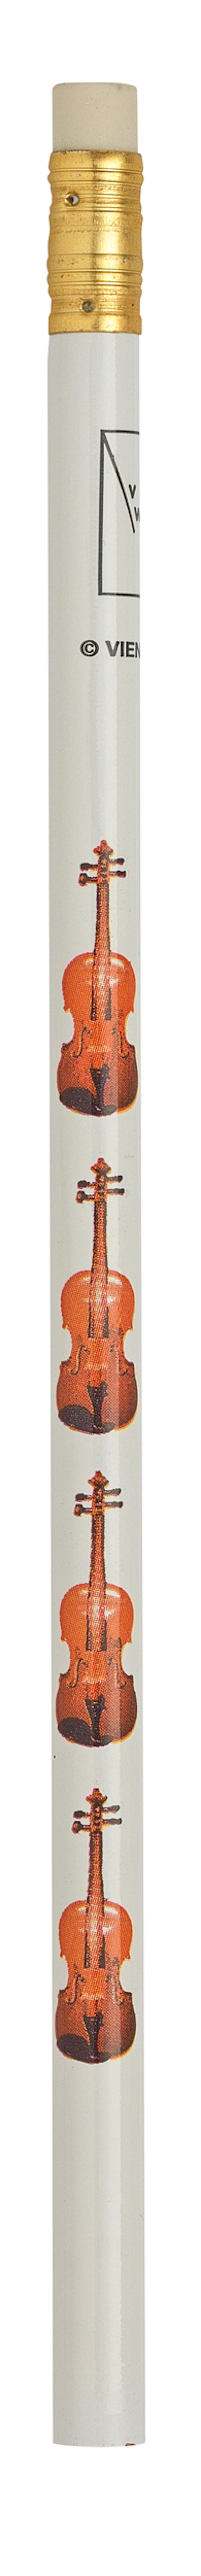 Bleistift Geige